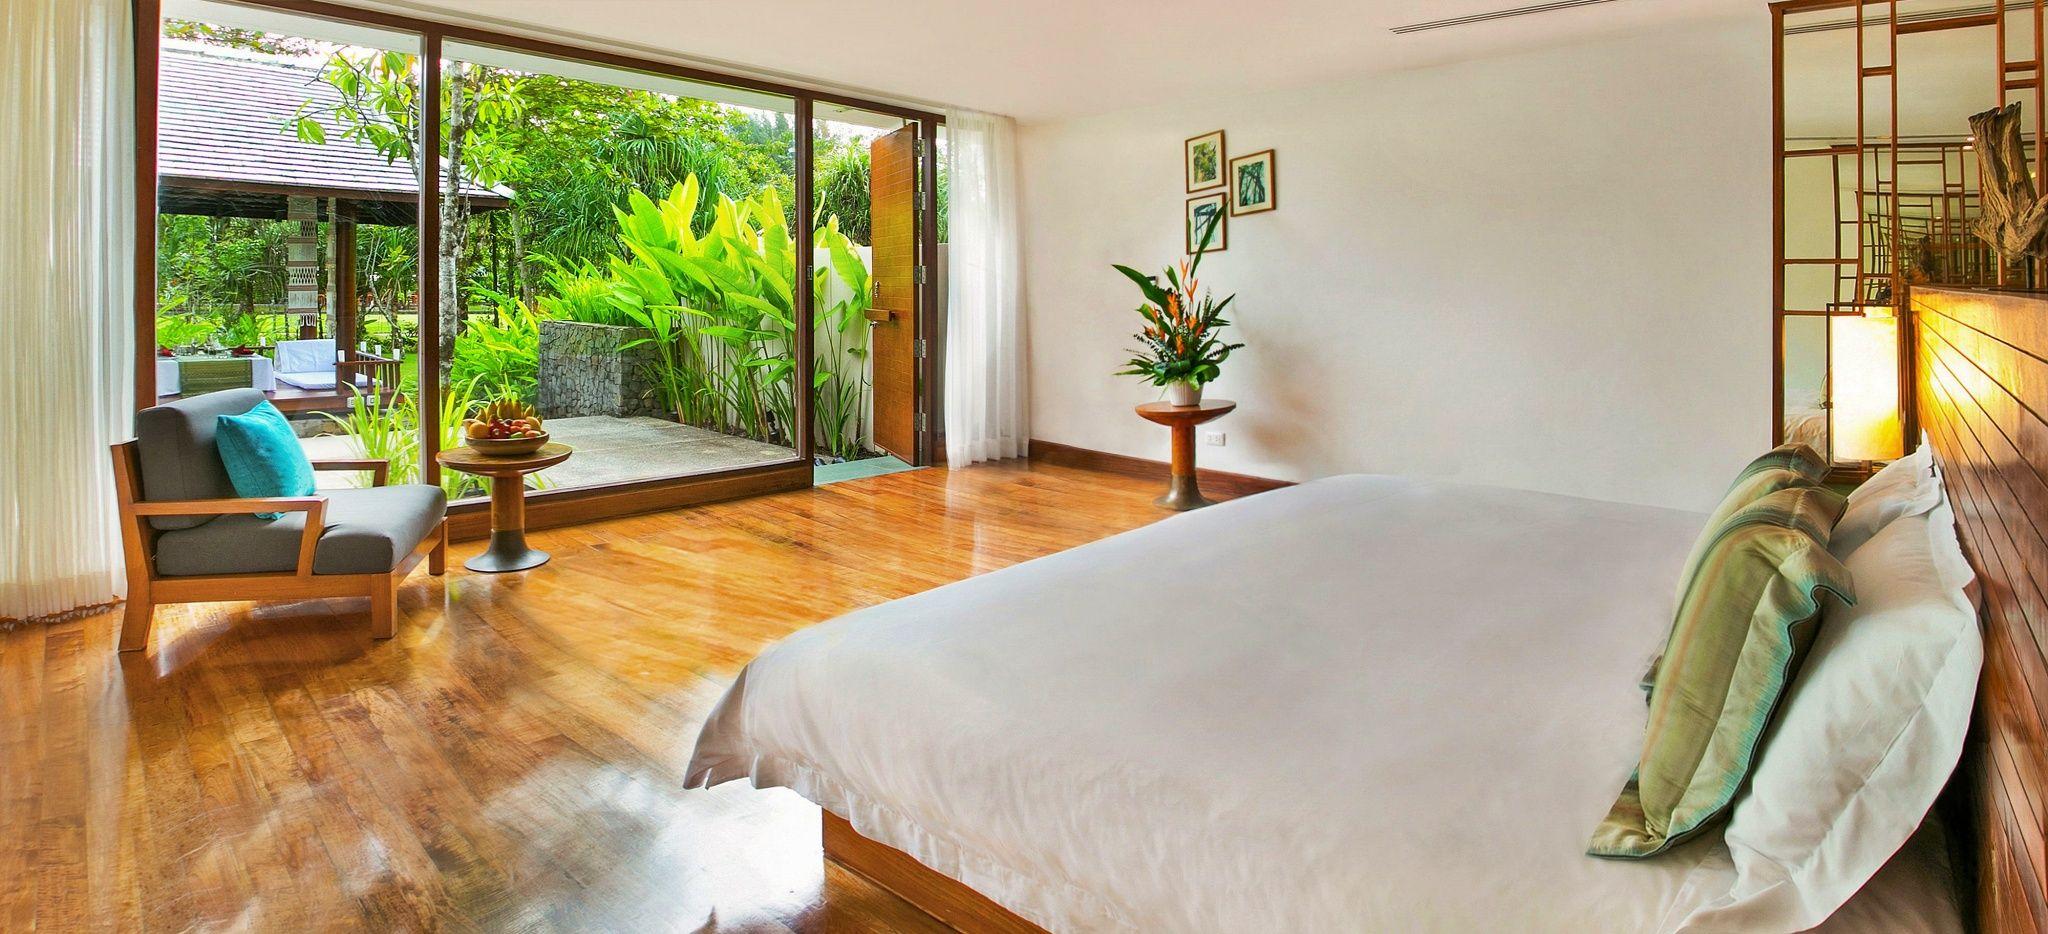 """Ein Hotelzimmer mit Blick auf den Garten im Hotel """"The Sarojin"""""""